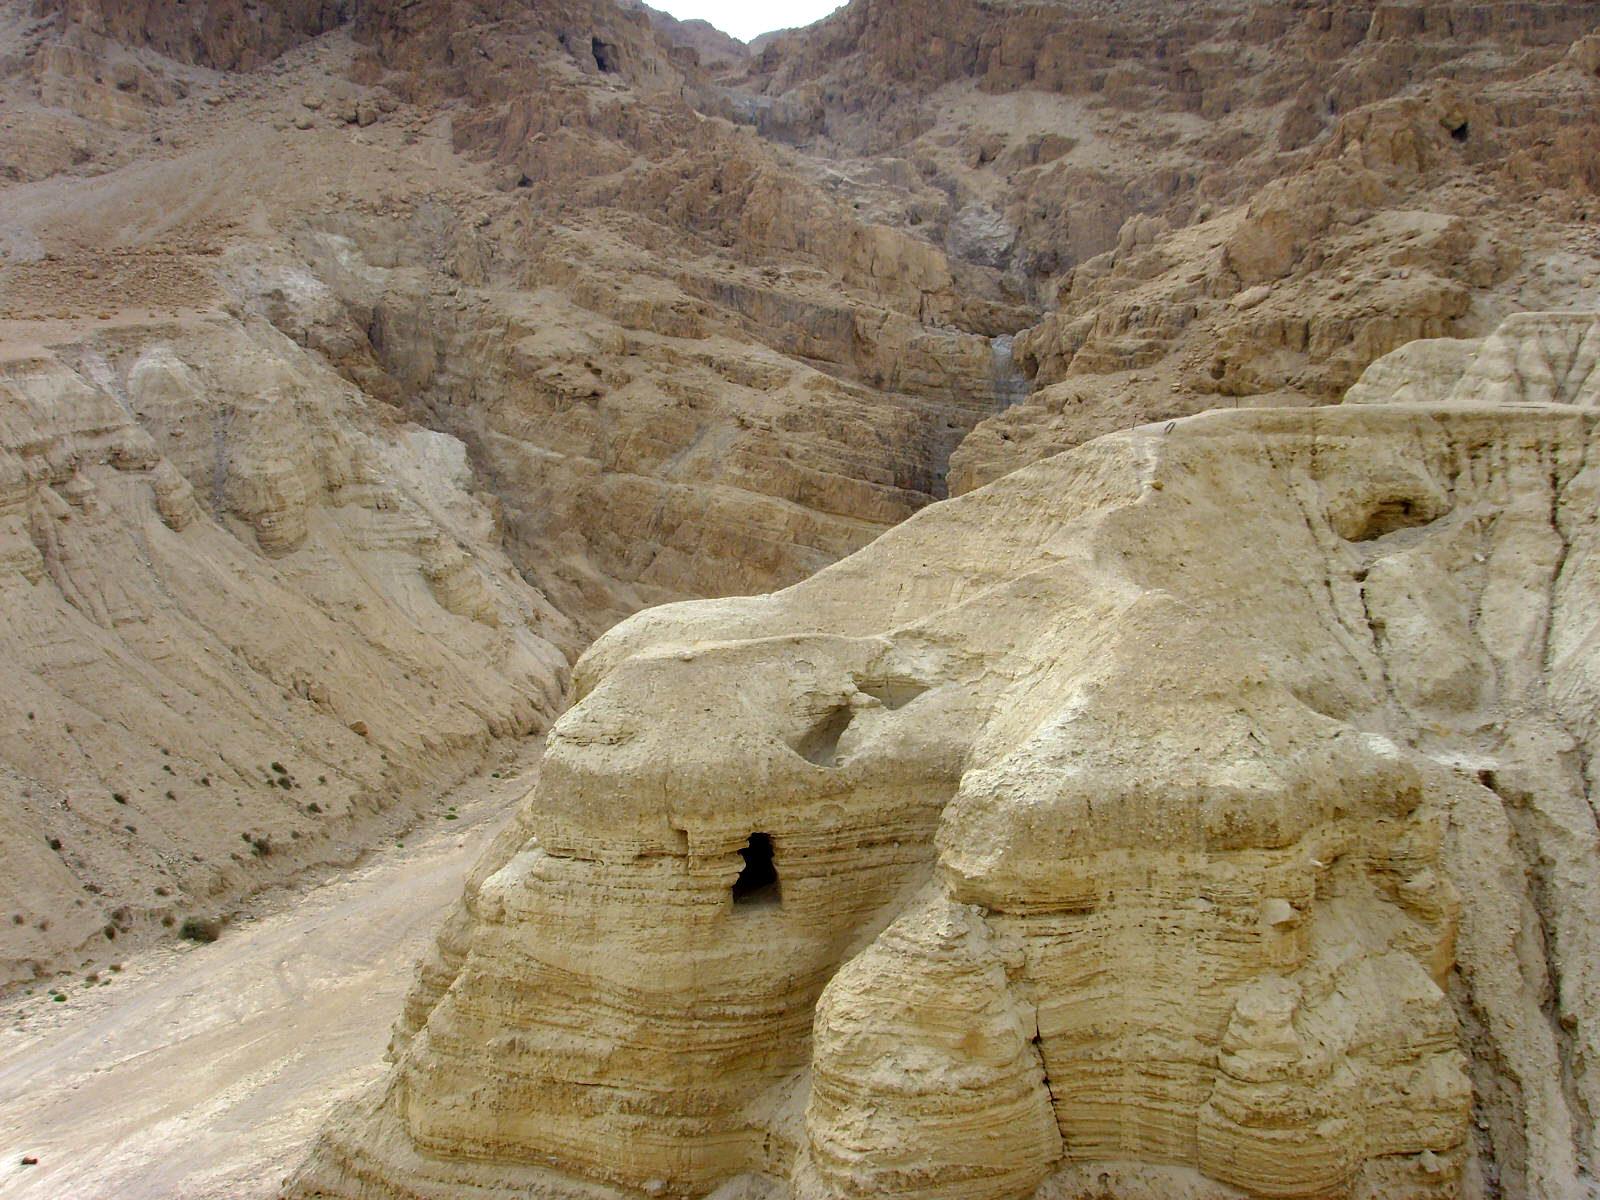 Les manuscrits de la mer Morte et Qumran - Arles 12 octobre 2019